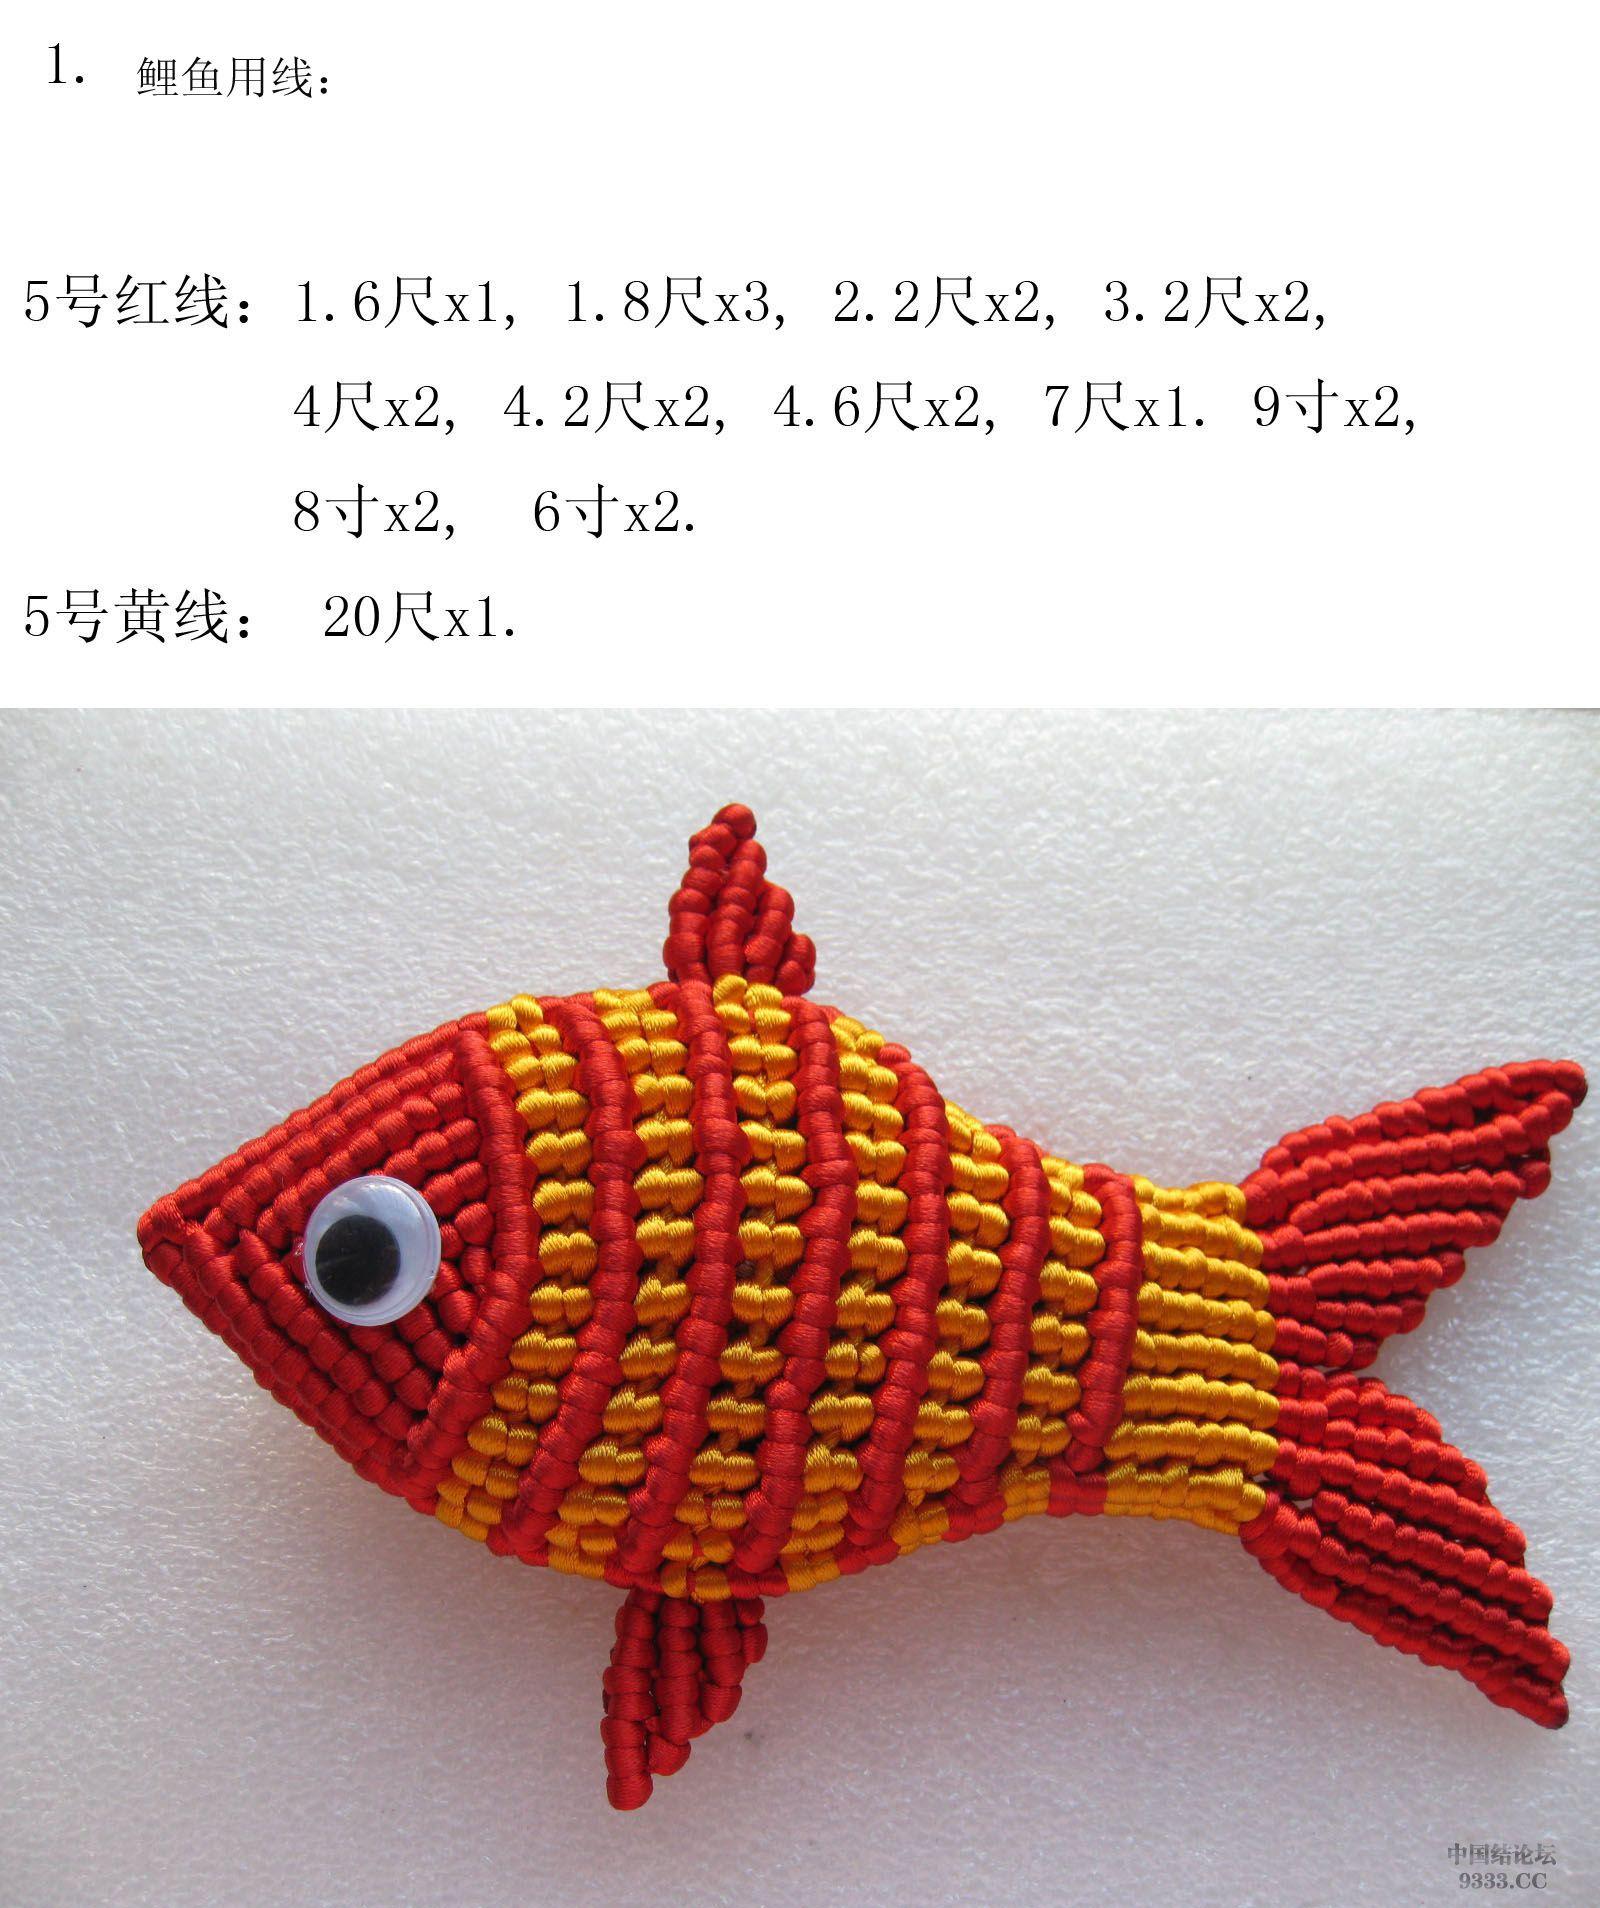 中国结论坛 我发一个鲤鱼教程  立体绳结教程与交流区 0909160709c394dd255d746a1c